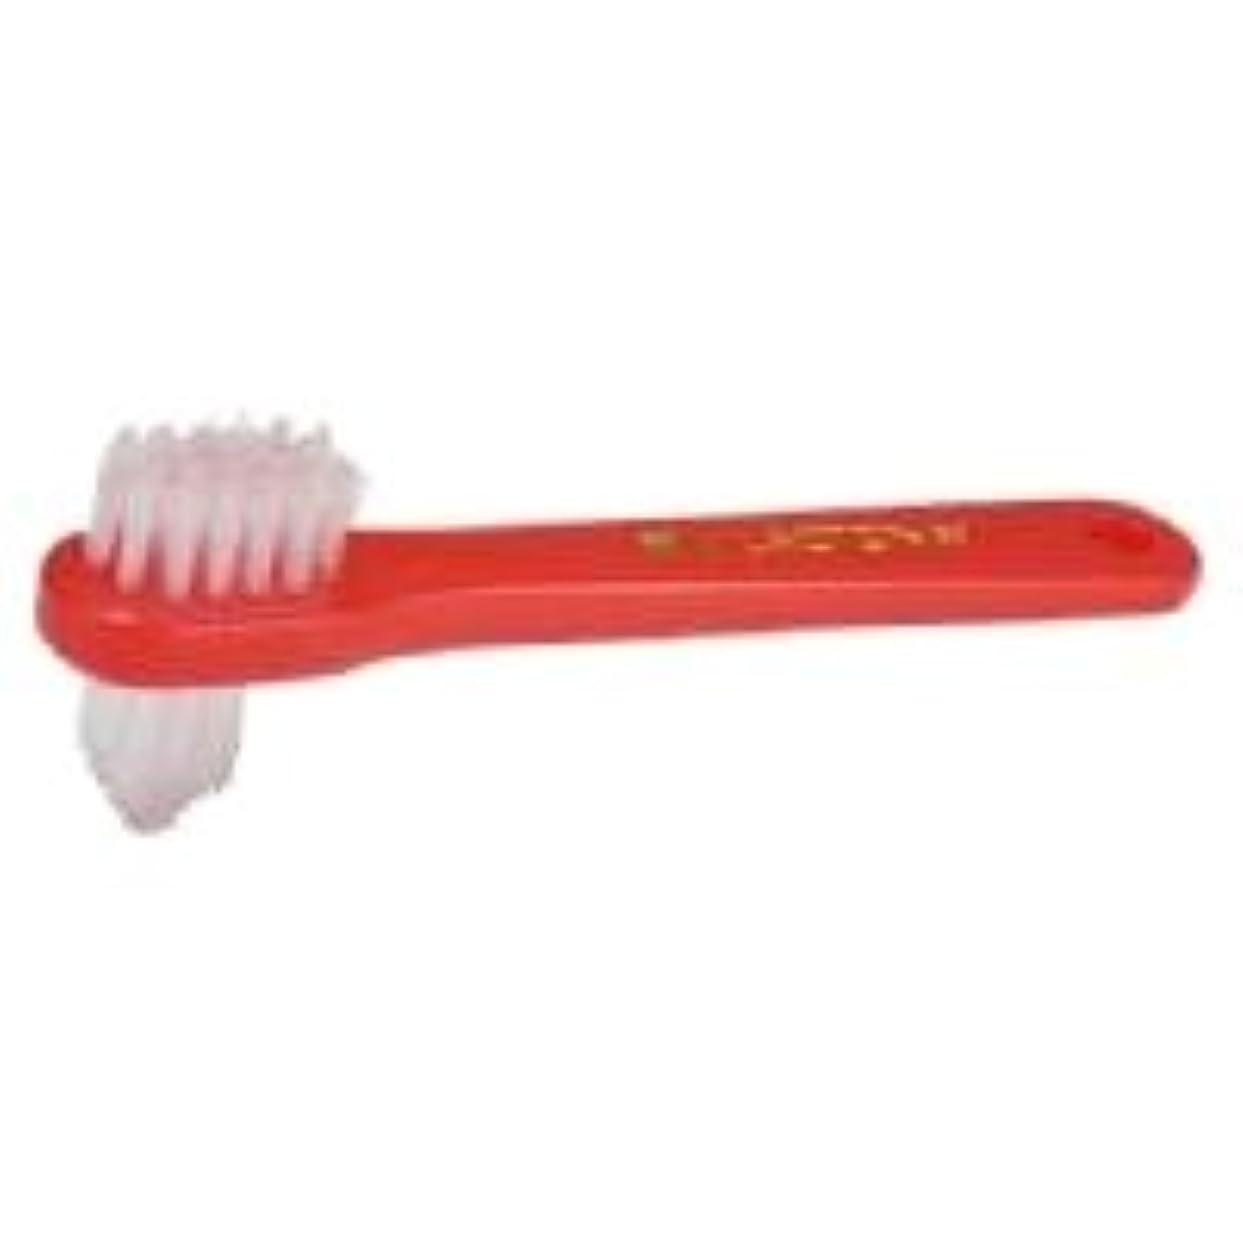 ラベル縮約後方【ラクトナ】【歯科用】ラクトナ歯ブラシ #500 M 1本【義歯用ブラシ】